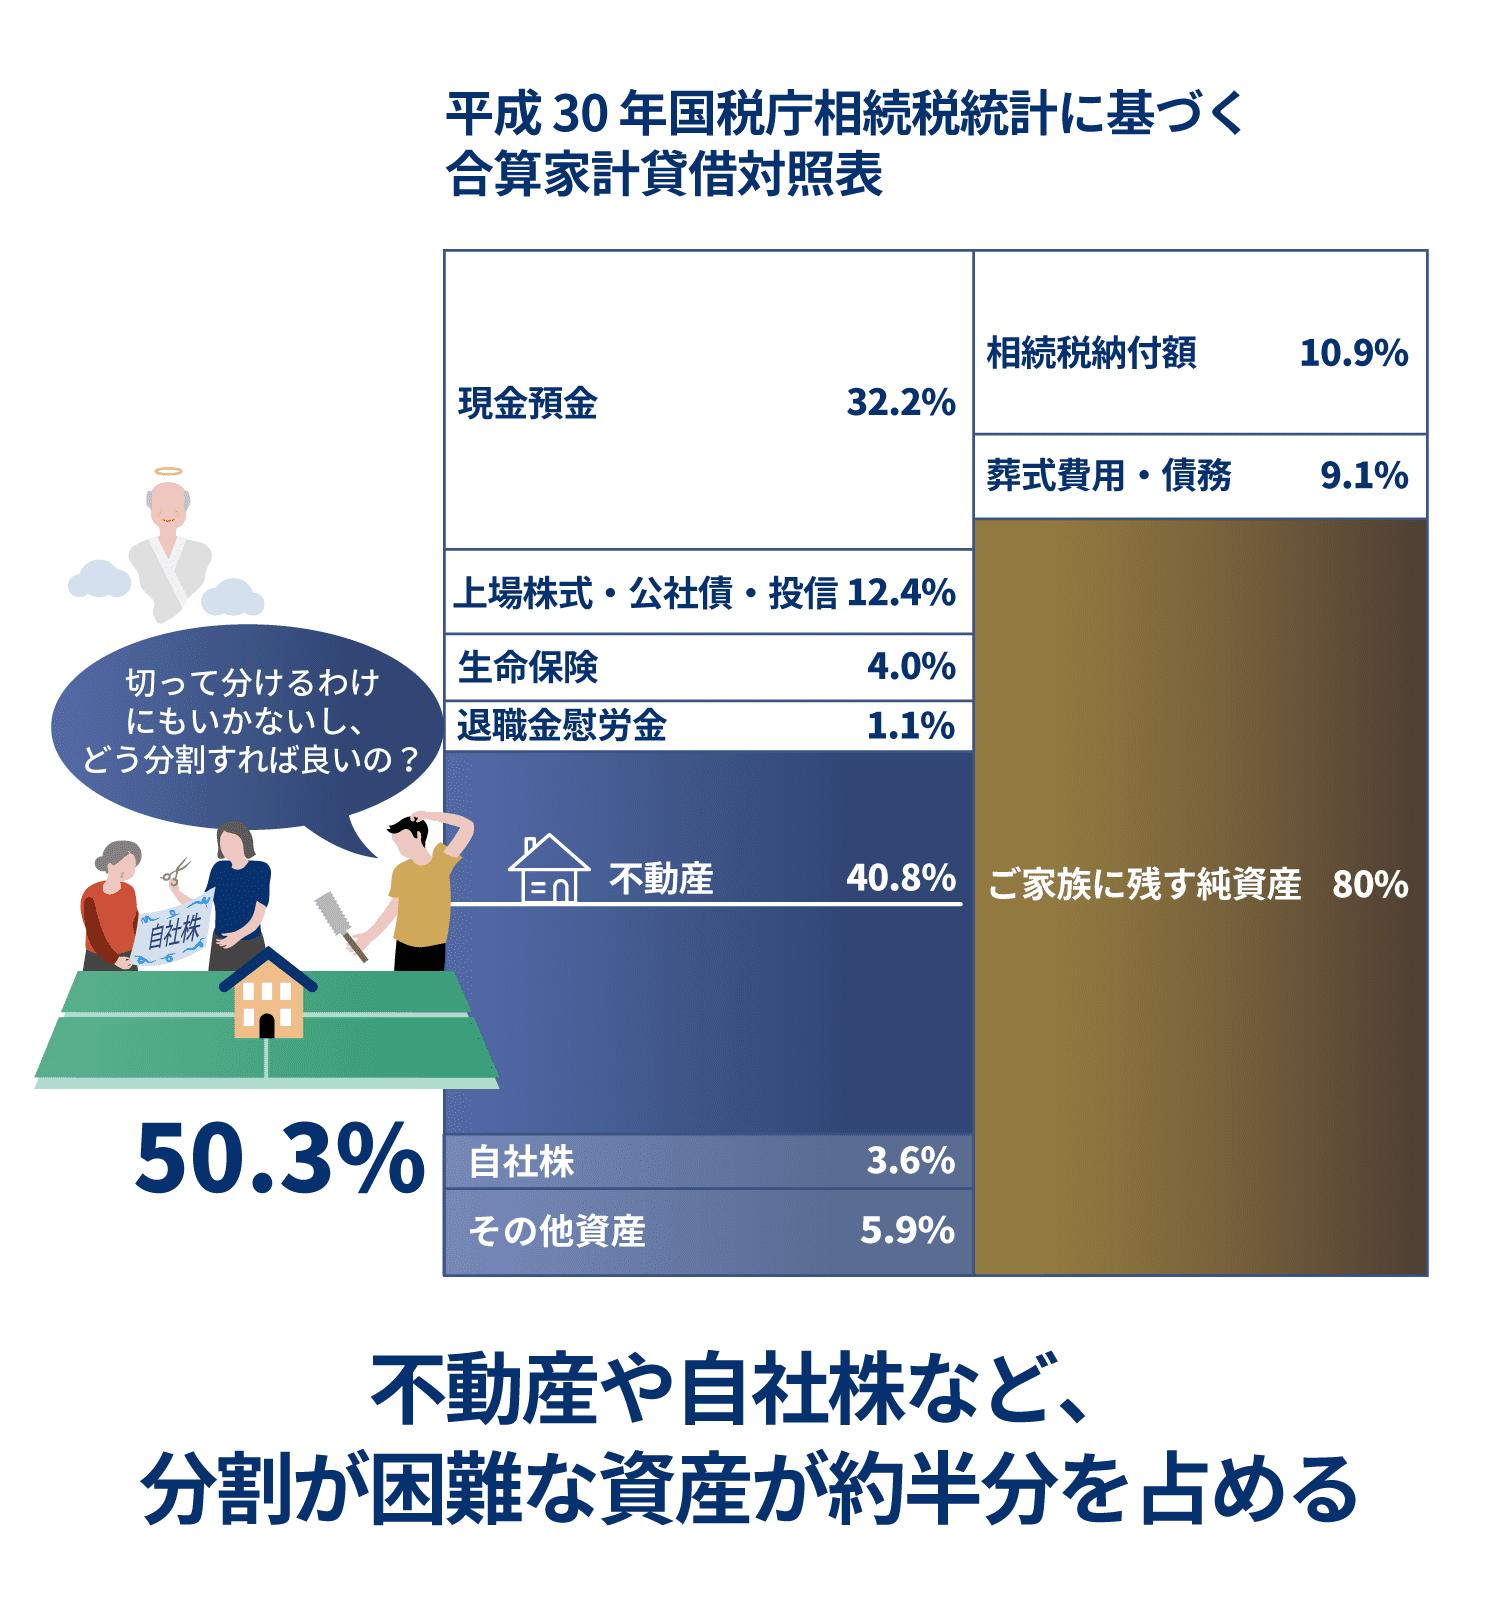 不動産や自社株など、分割が困難な資産が約半分を占める